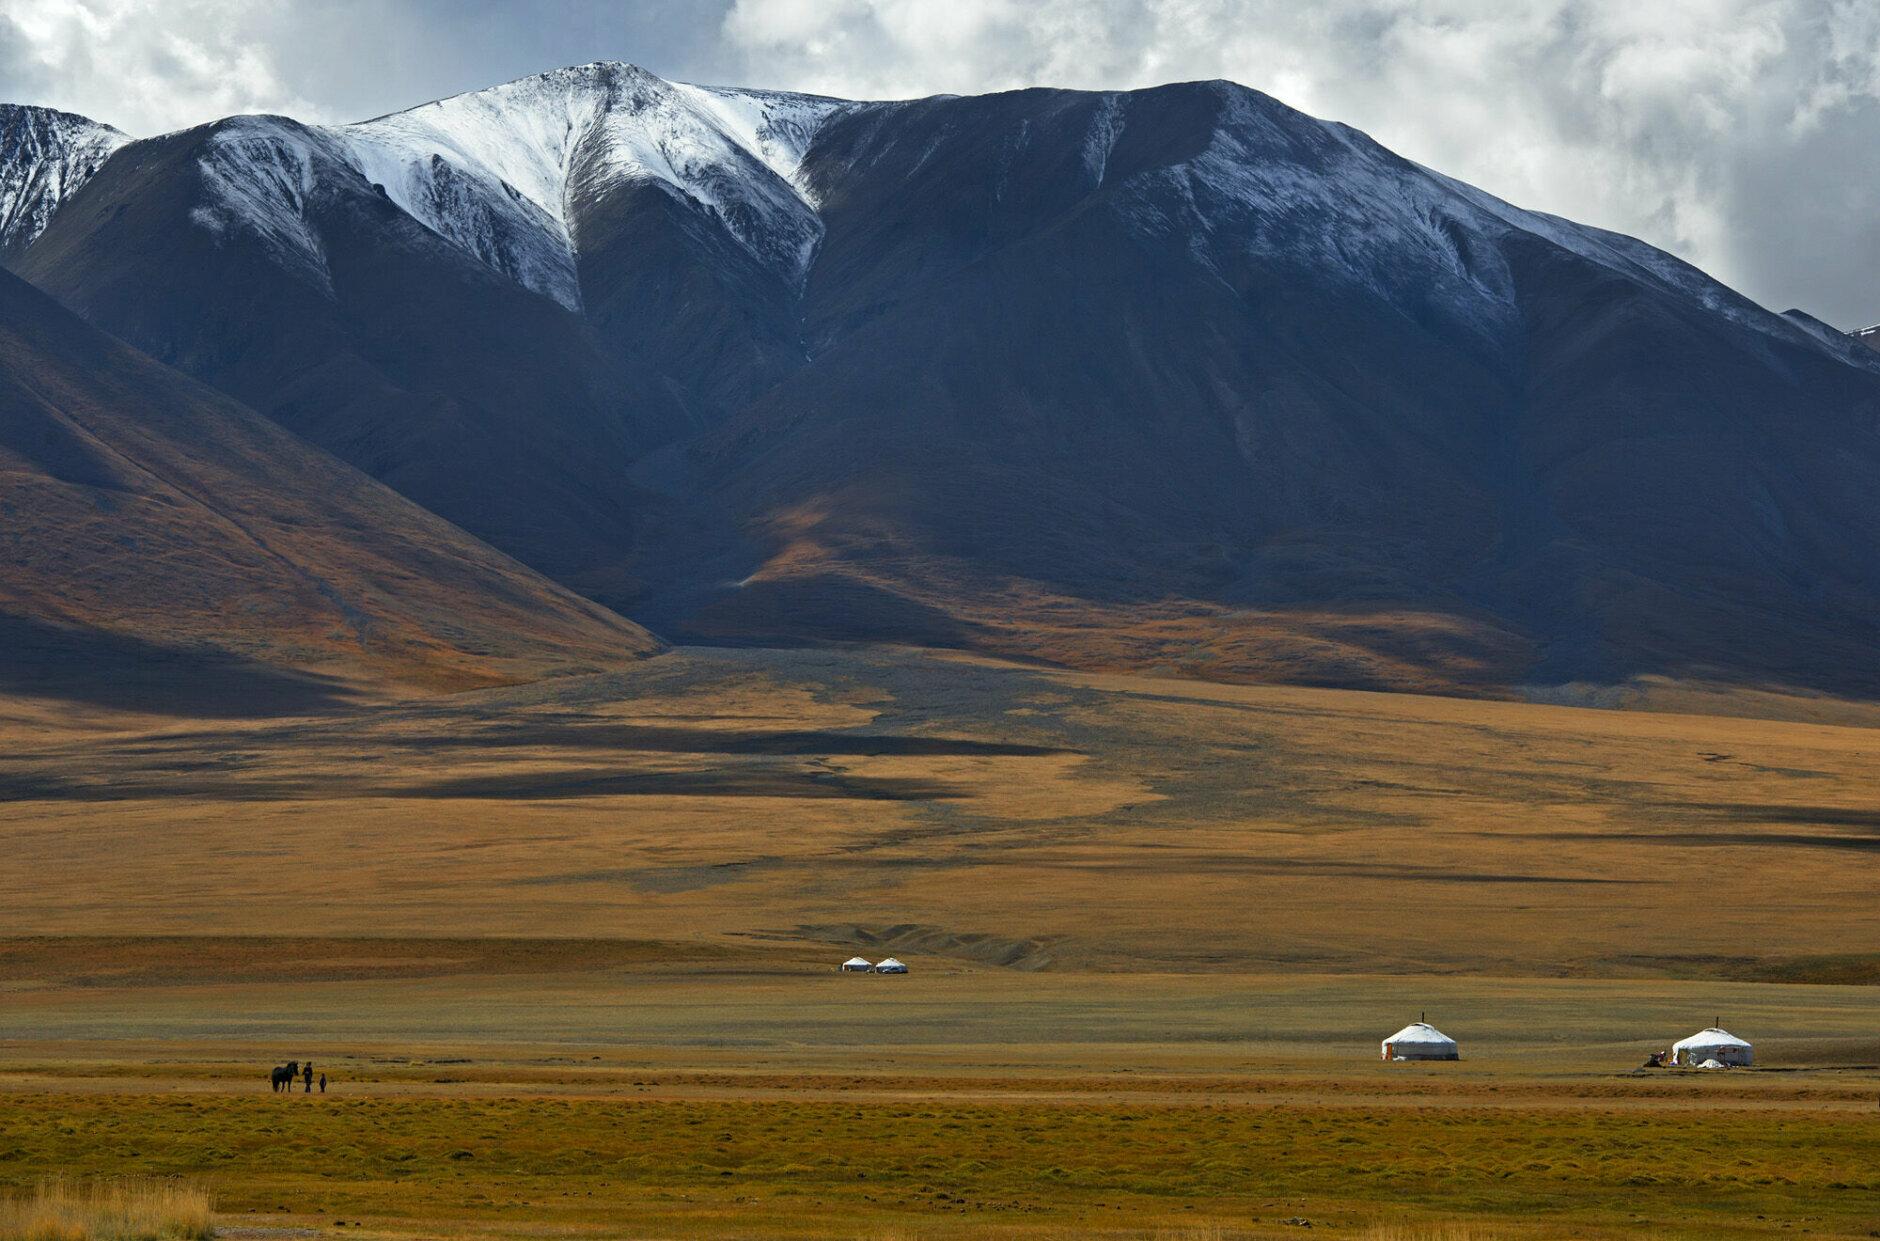 Central-Asian landscape, Mongolia